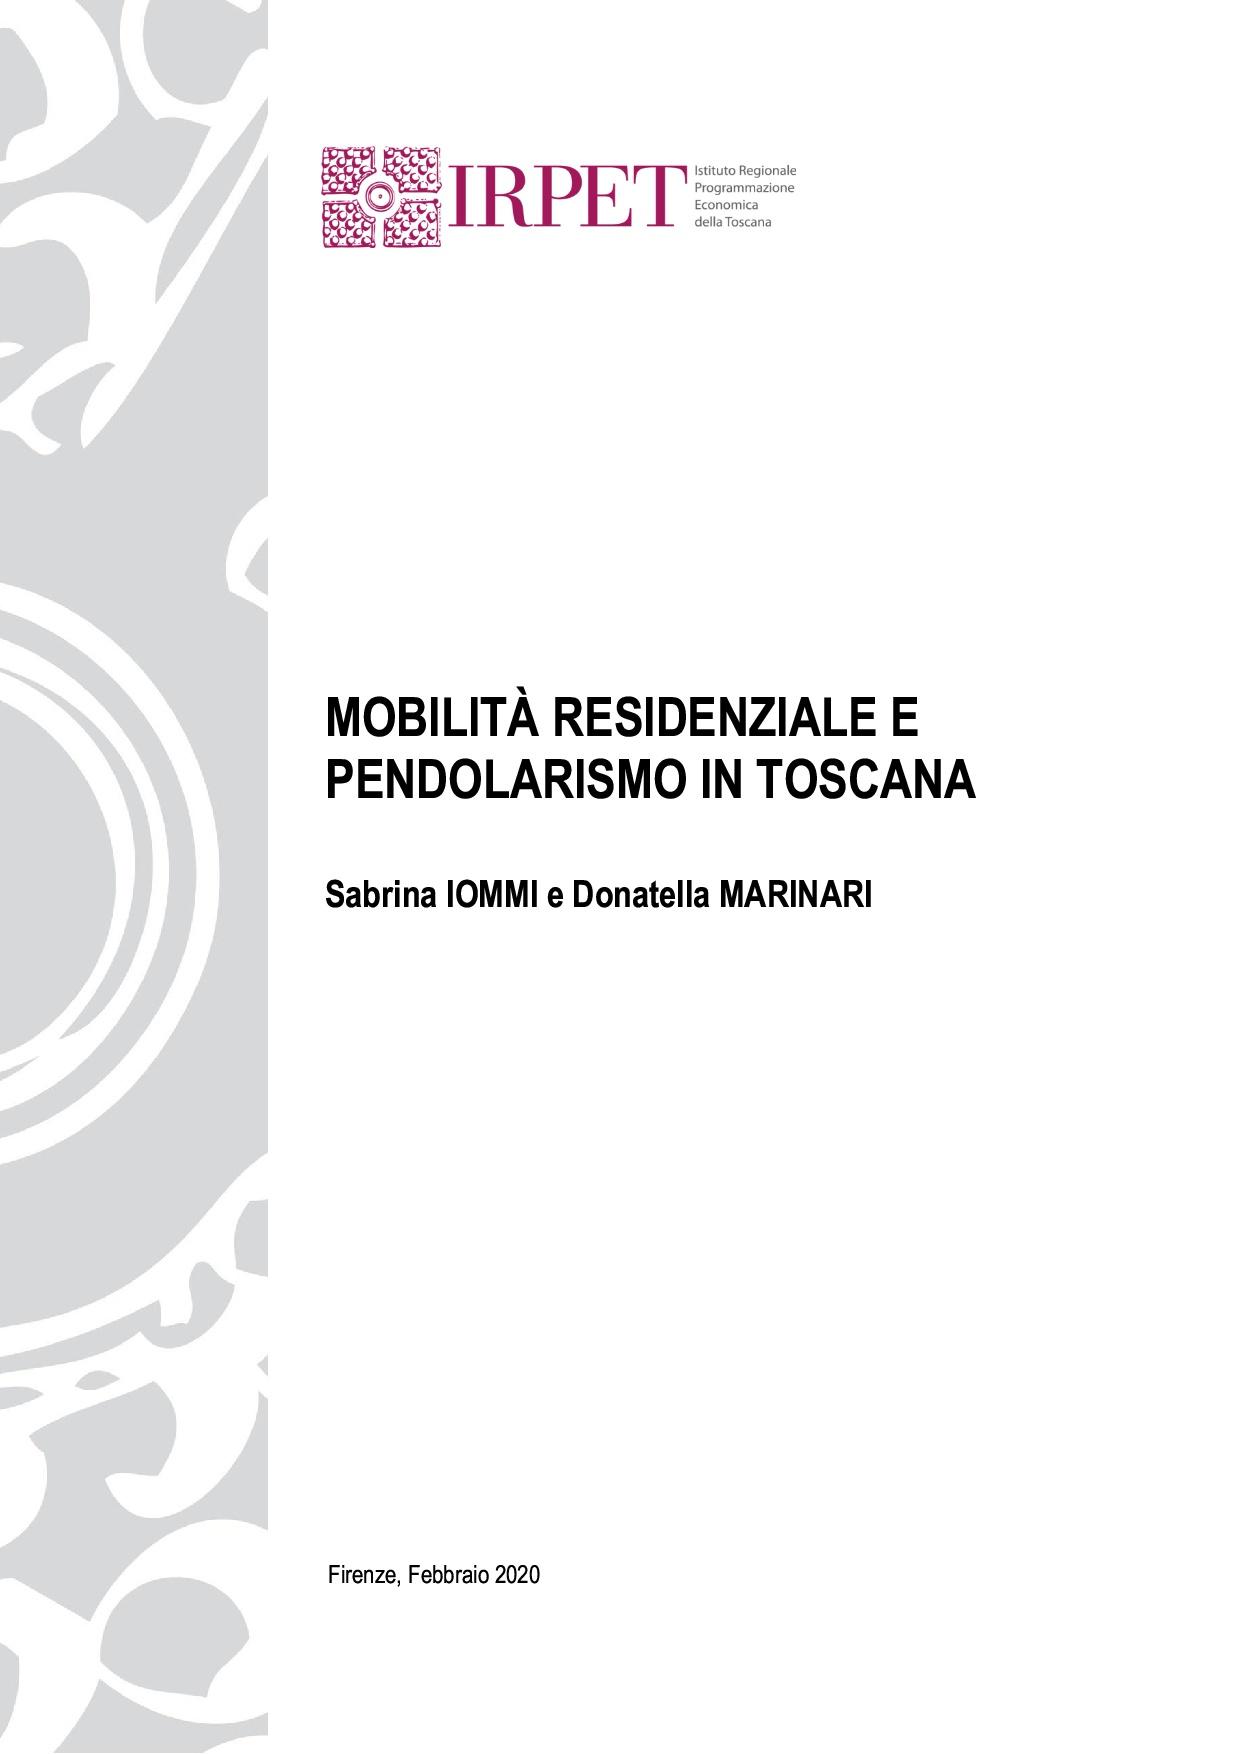 IOMMI MARINARI Report IRPET trasferimenti residenza pendolarismo 2020-1allestito